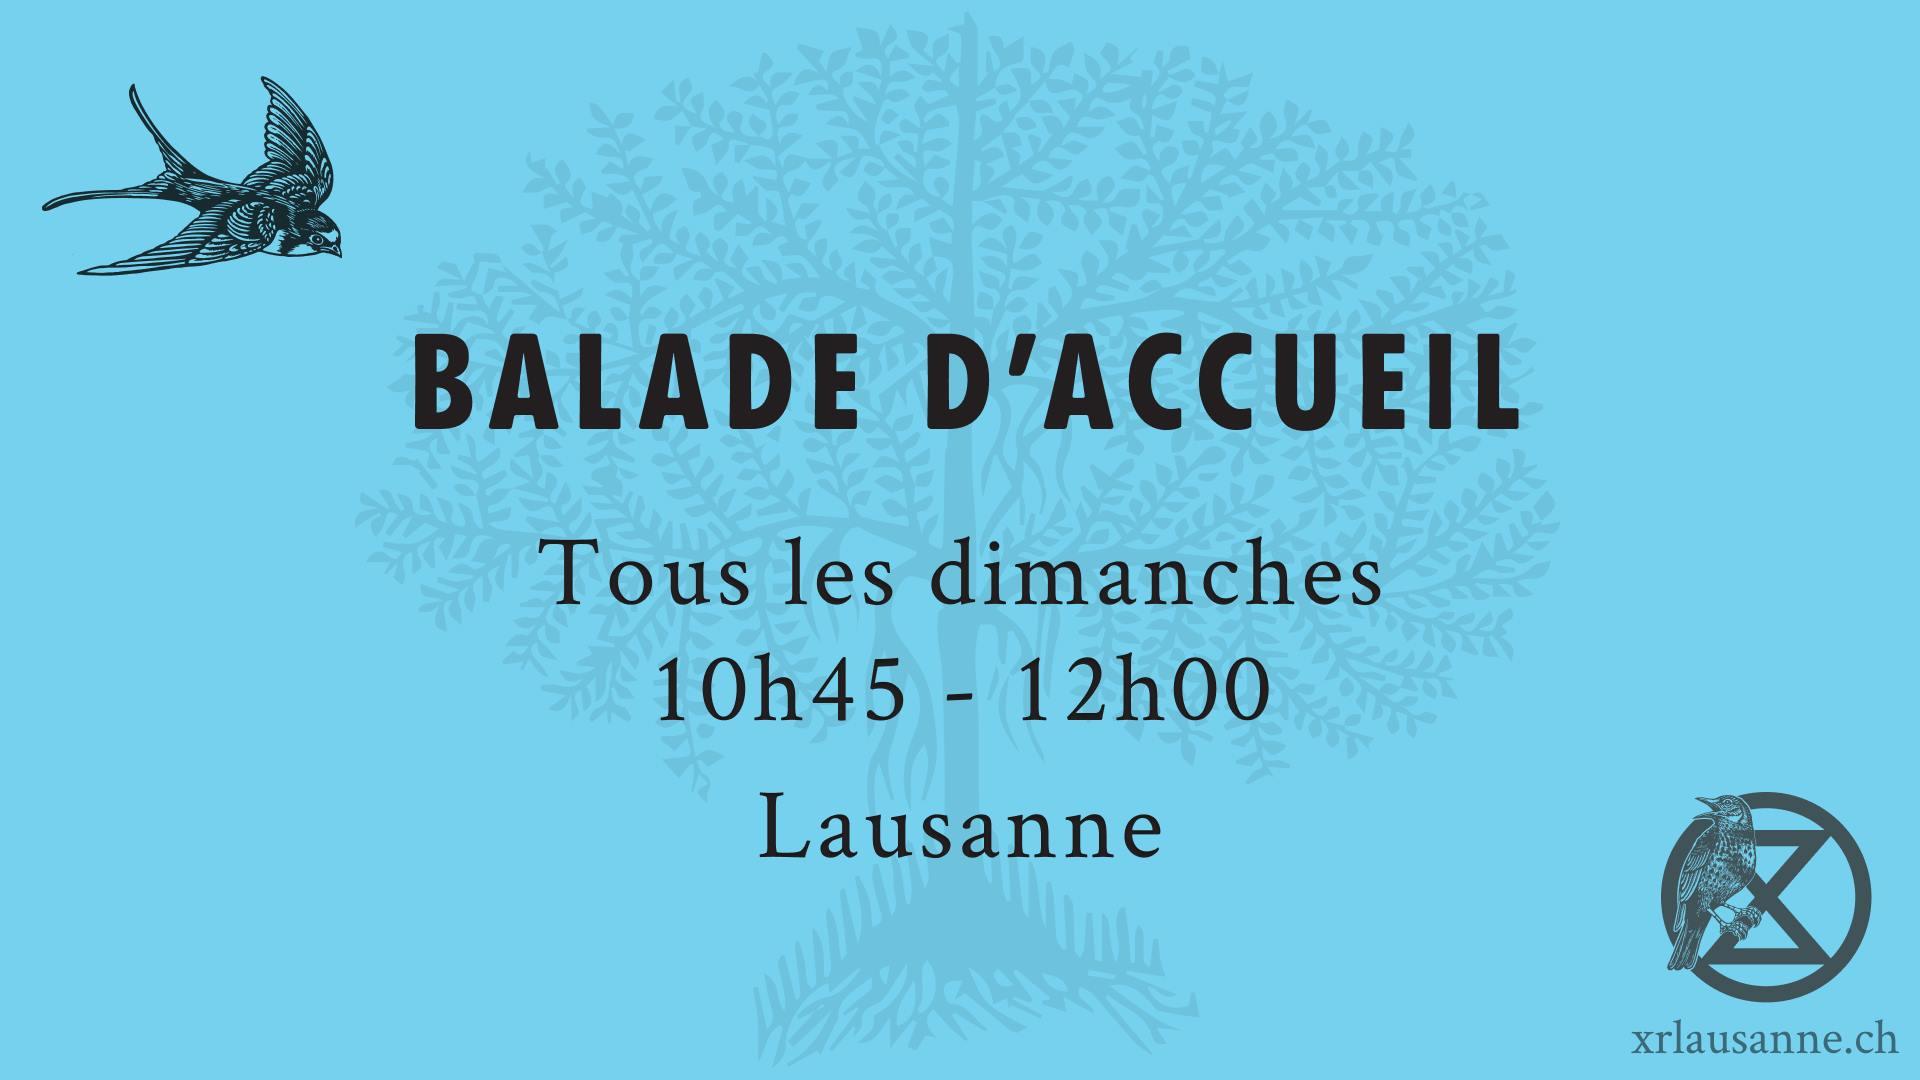 BALADE D'ACCUEIL – RENCONTREZ-NOUS!